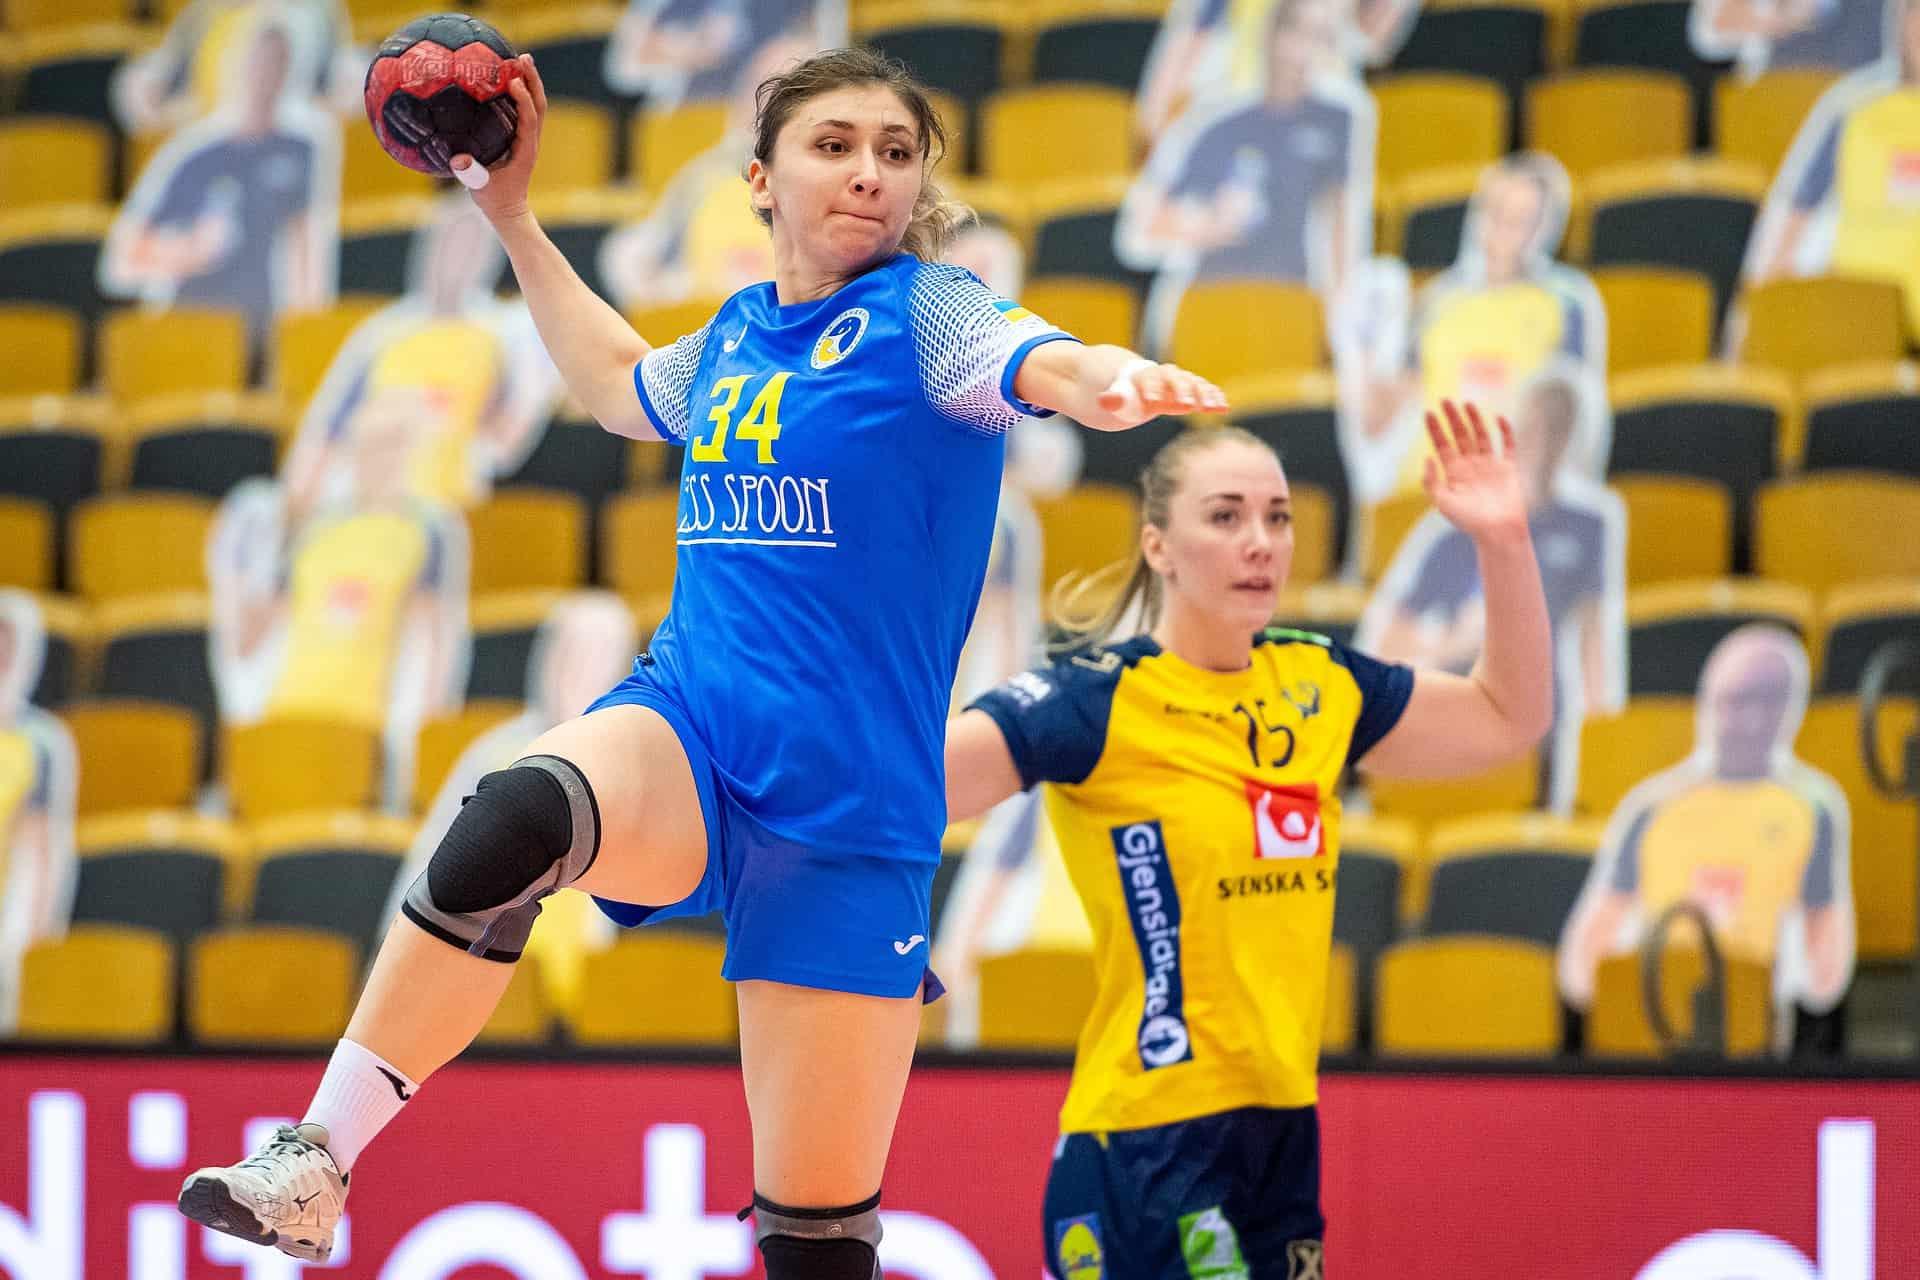 handball-6198182_1920